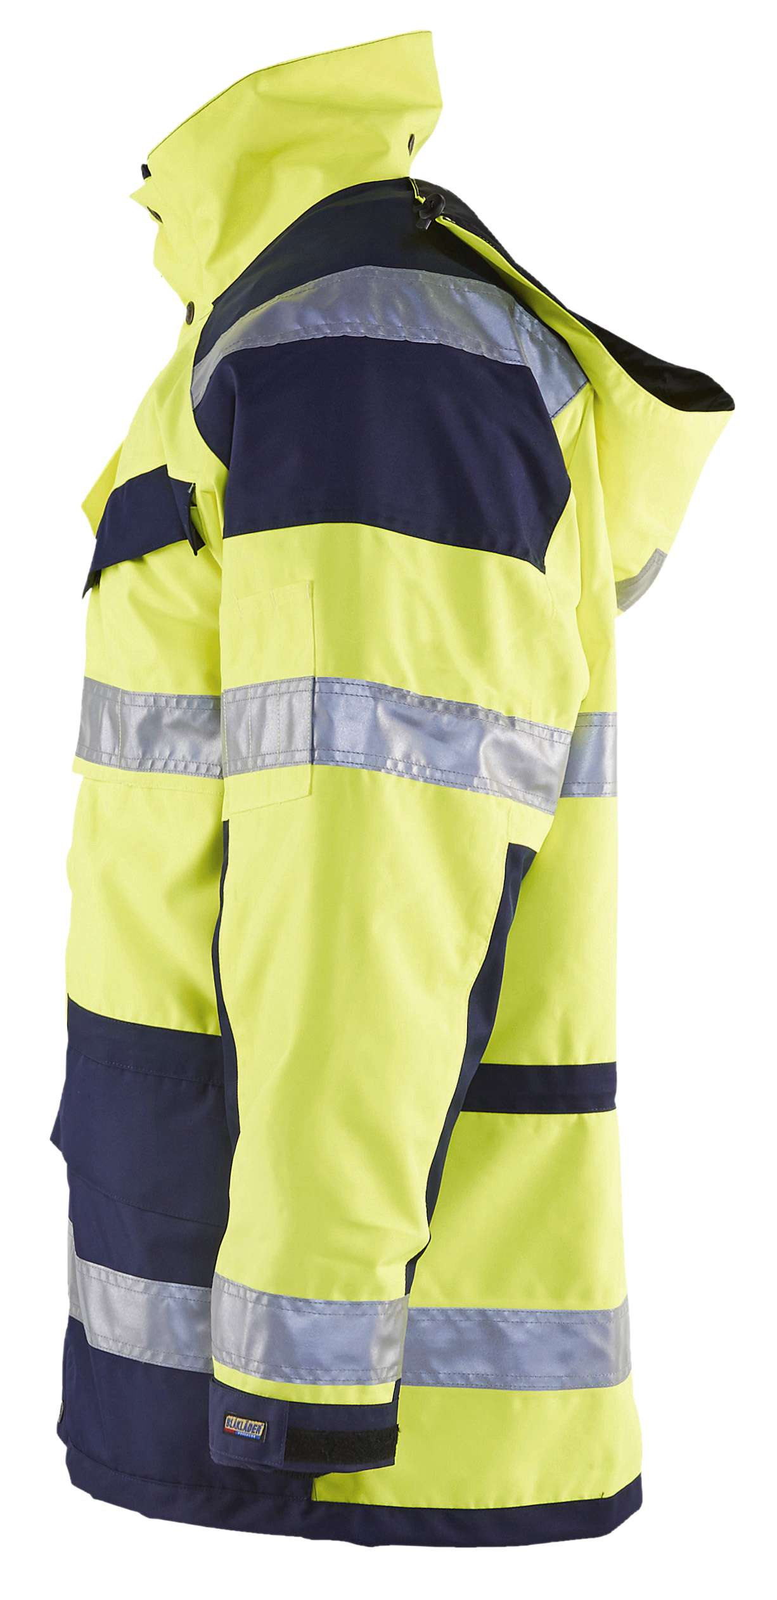 Blaklader Jassen 44261997 High Vis geel-marineblauw(3389)